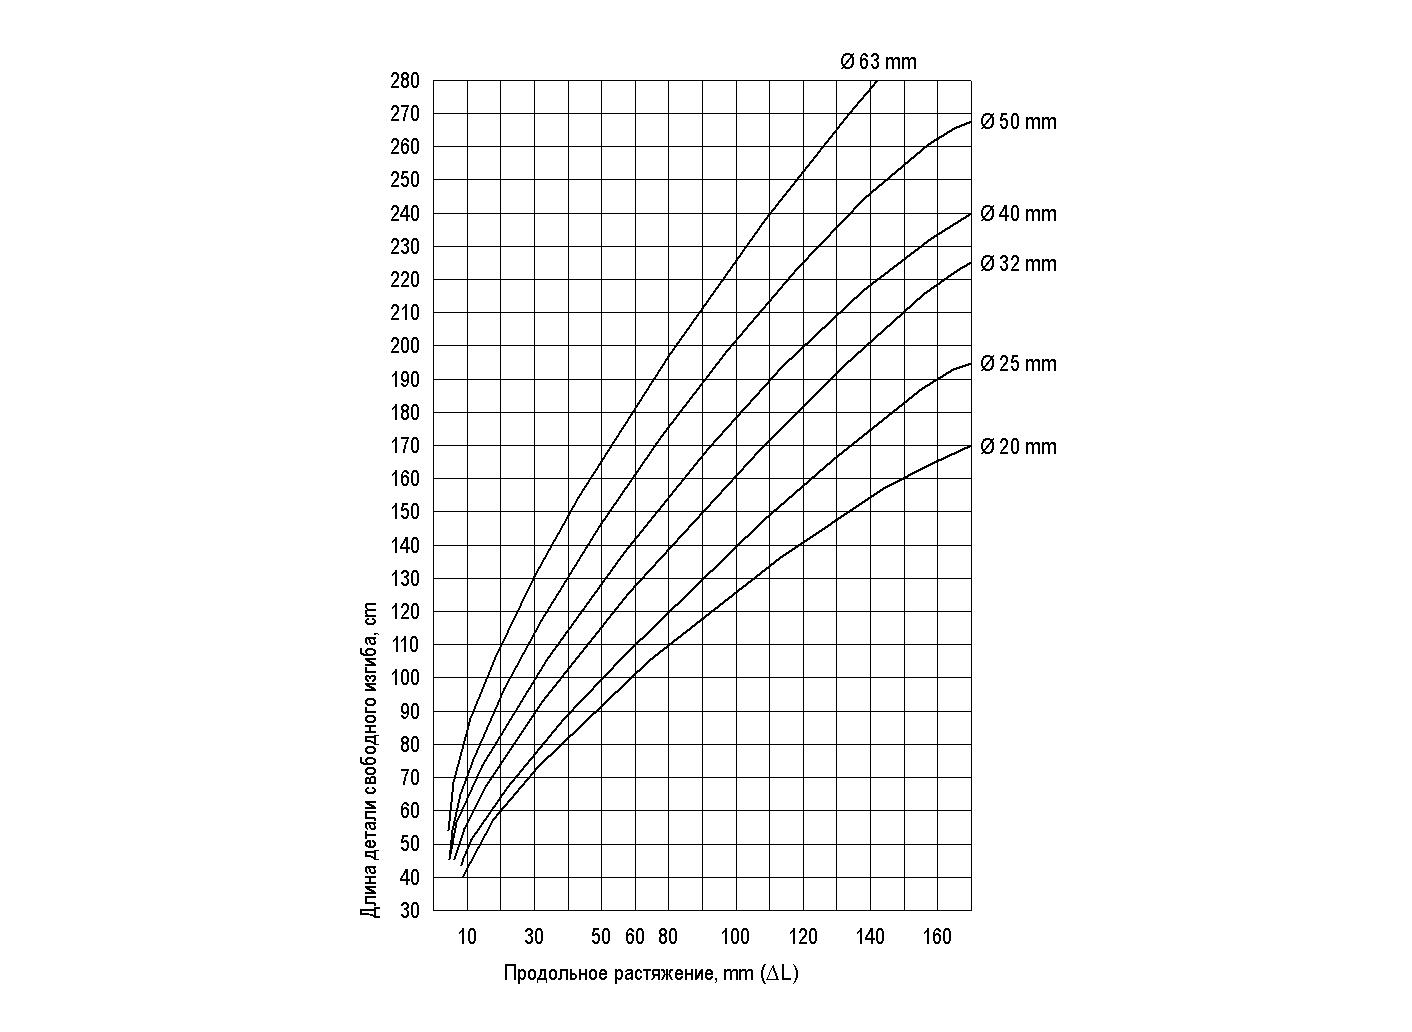 Расчет компенсации линейного расширения